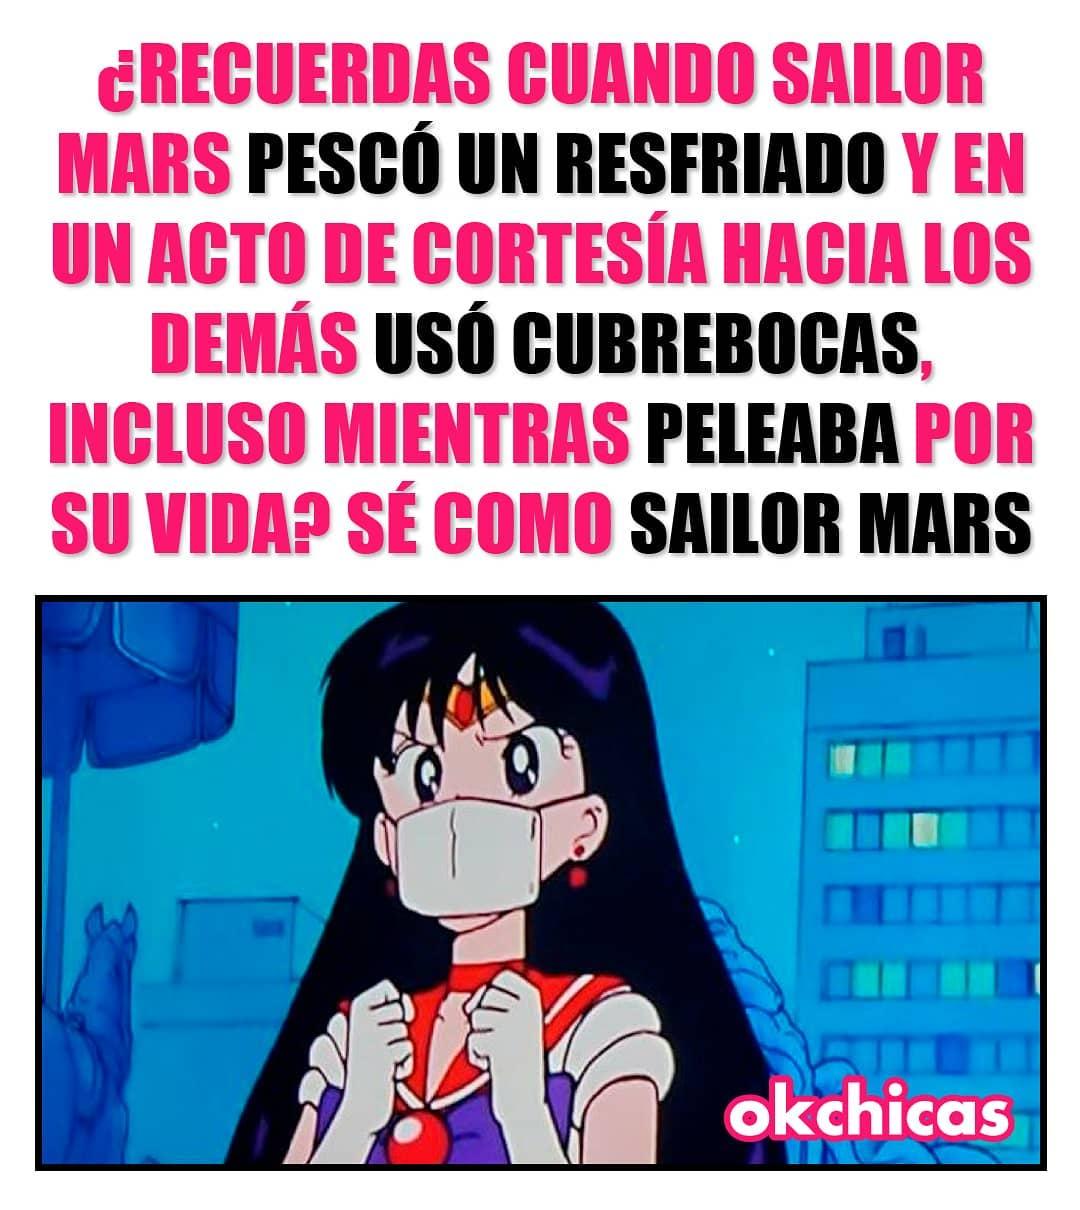 ¿Recuerdas cuando Sailor Mars pescó un resfriado y en un acto de cortesía hacia los demás usó cubrebocas, incluso mientras peleaba por su vida? Sé como Sailor Mars.